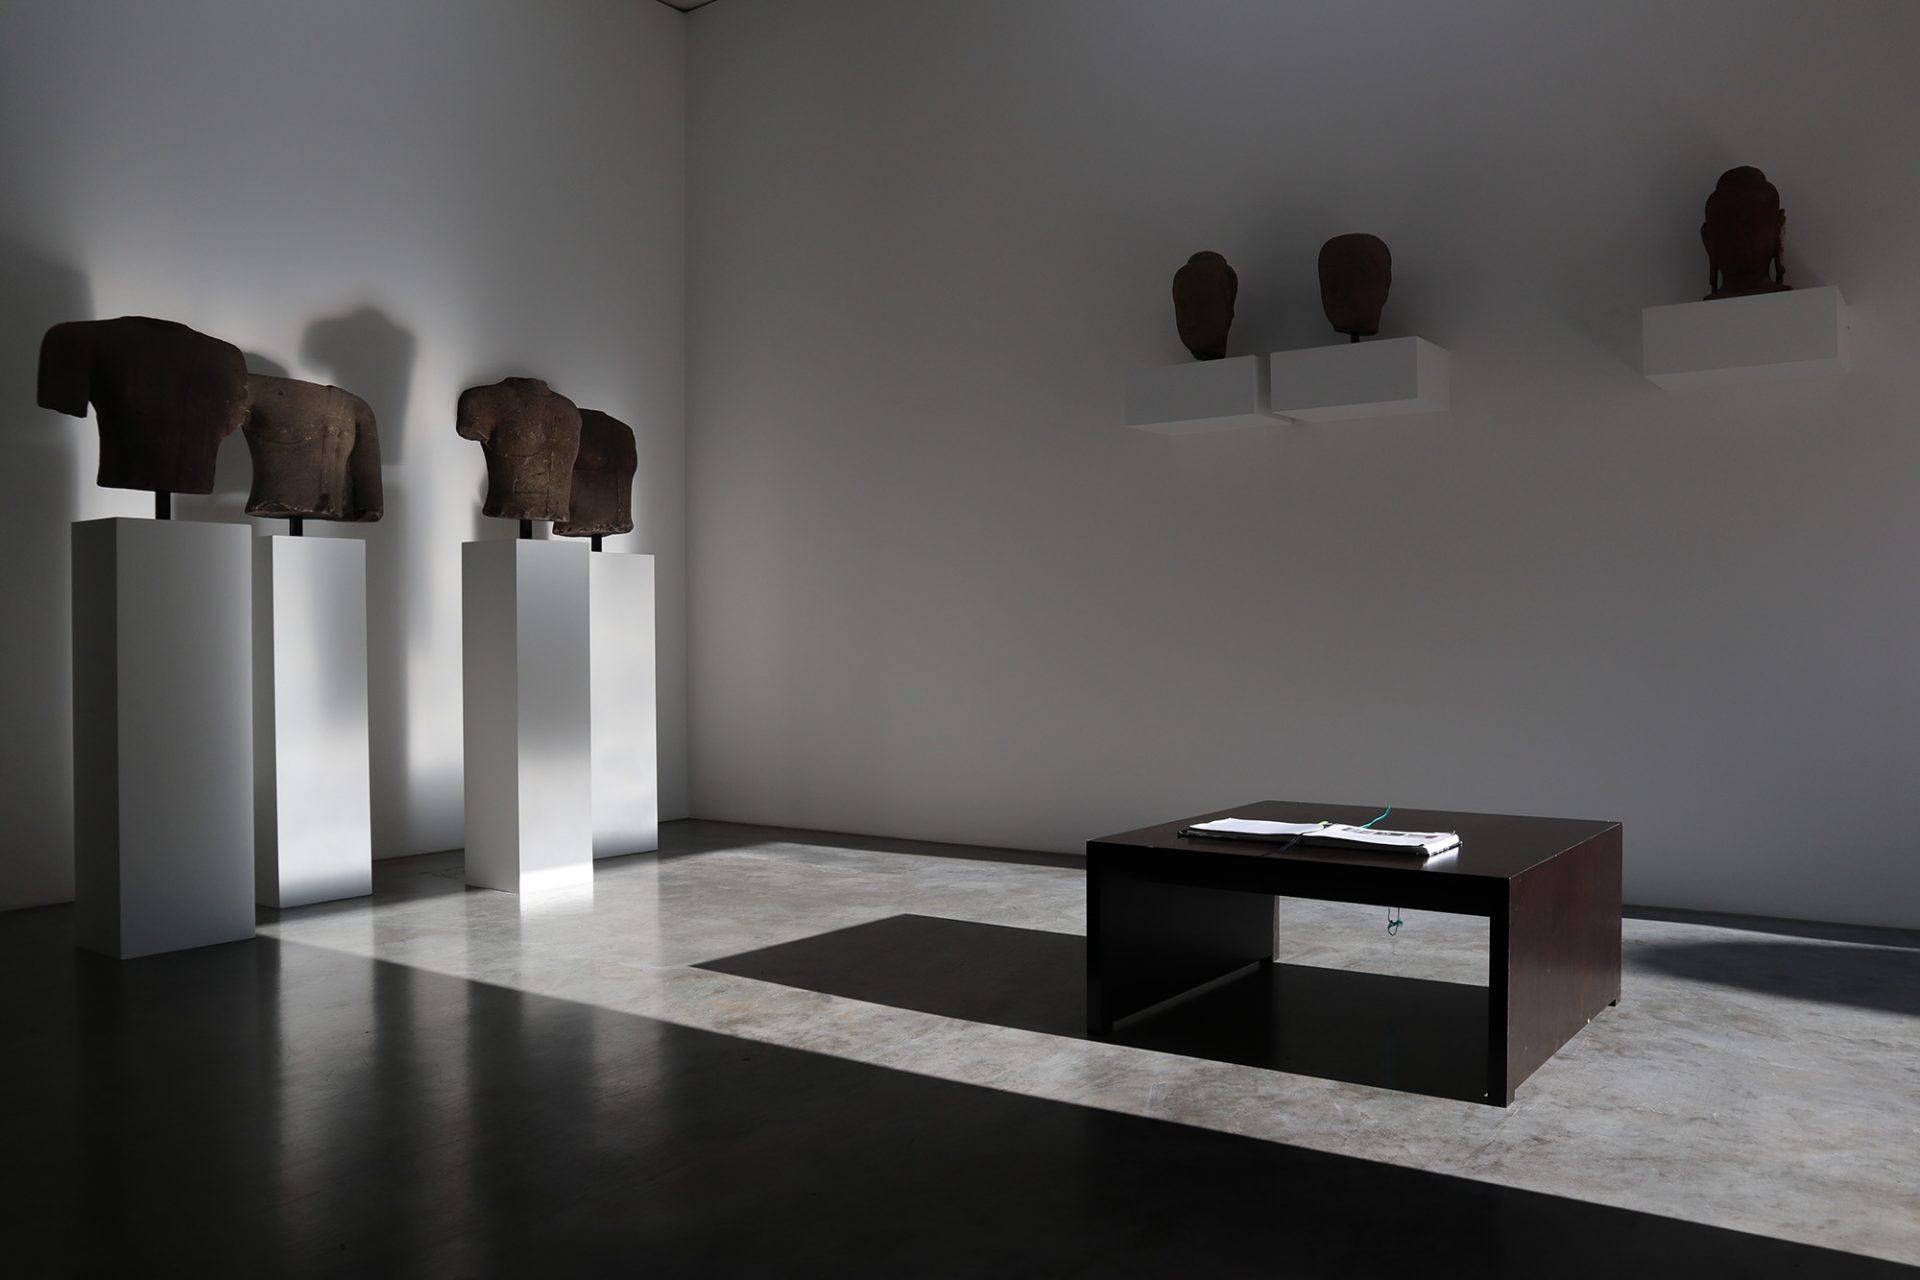 Museum DKM. Durch wenige Öffnungen fällt natürliches Licht in die Ausstellungsräume des Anbaus.